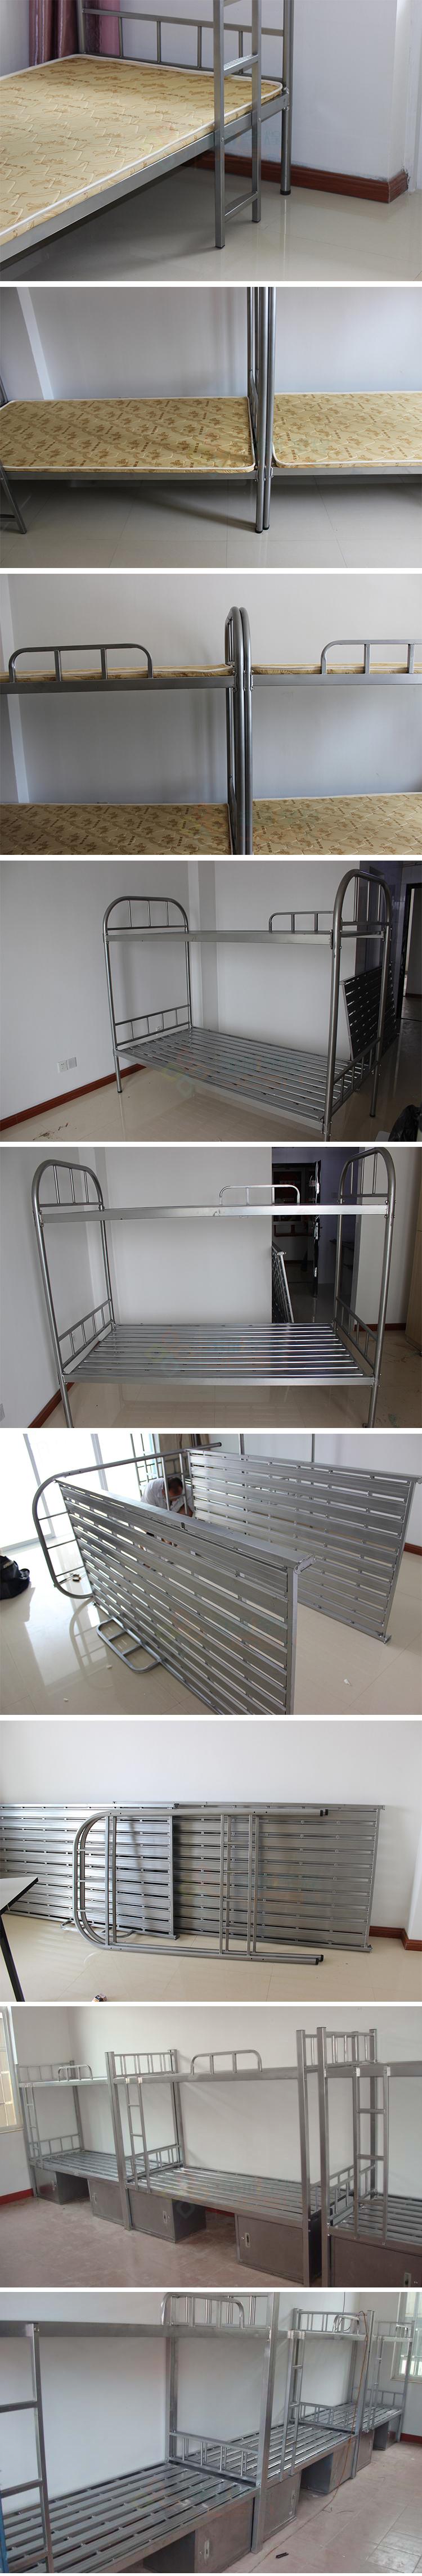 高低床上下铺学生公寓床员工双层钢架铁床宿舍多层实木板